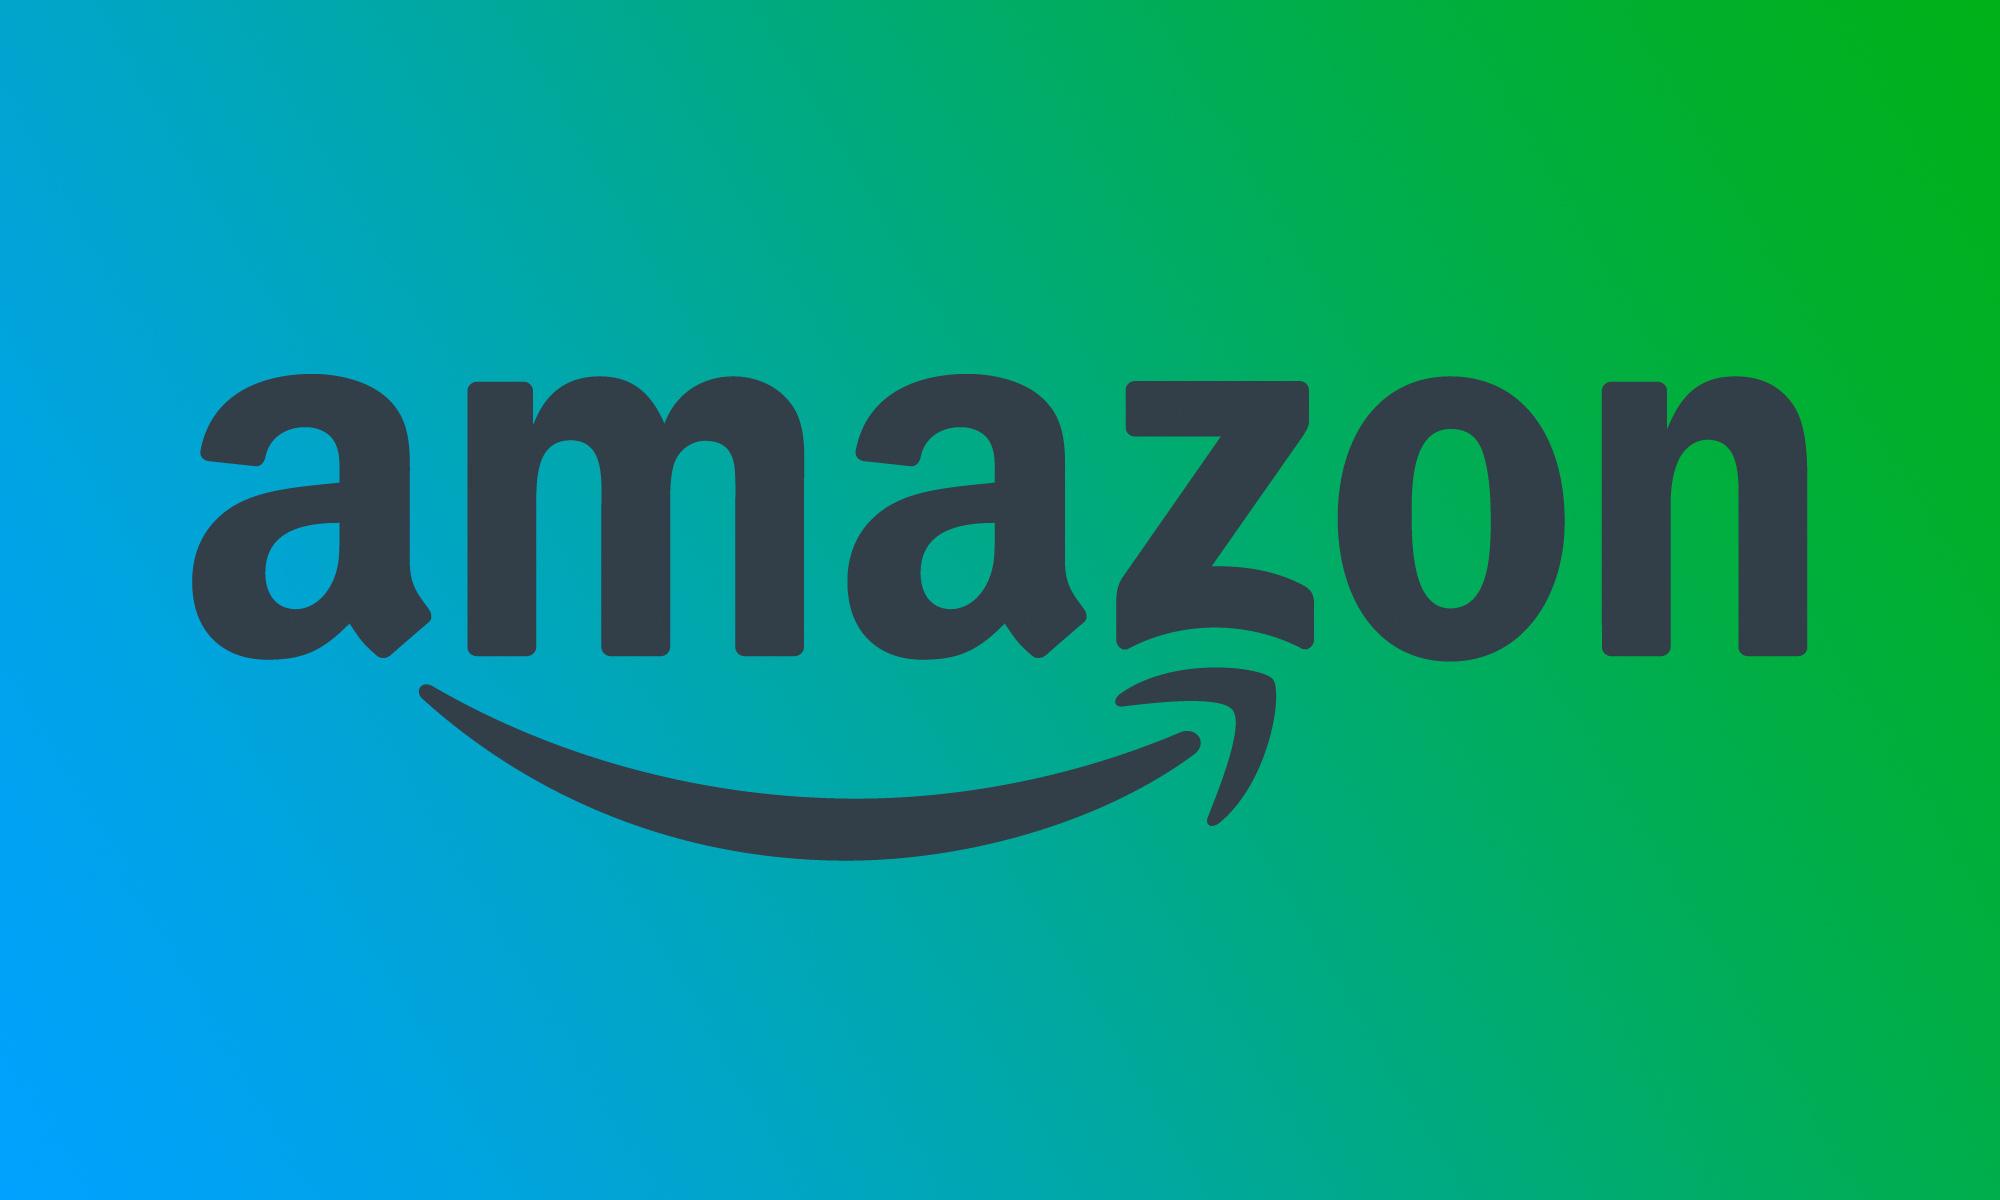 Pengiriman Amazon Prime pada hari yang sama akan datang ke enam kota AS lainnya